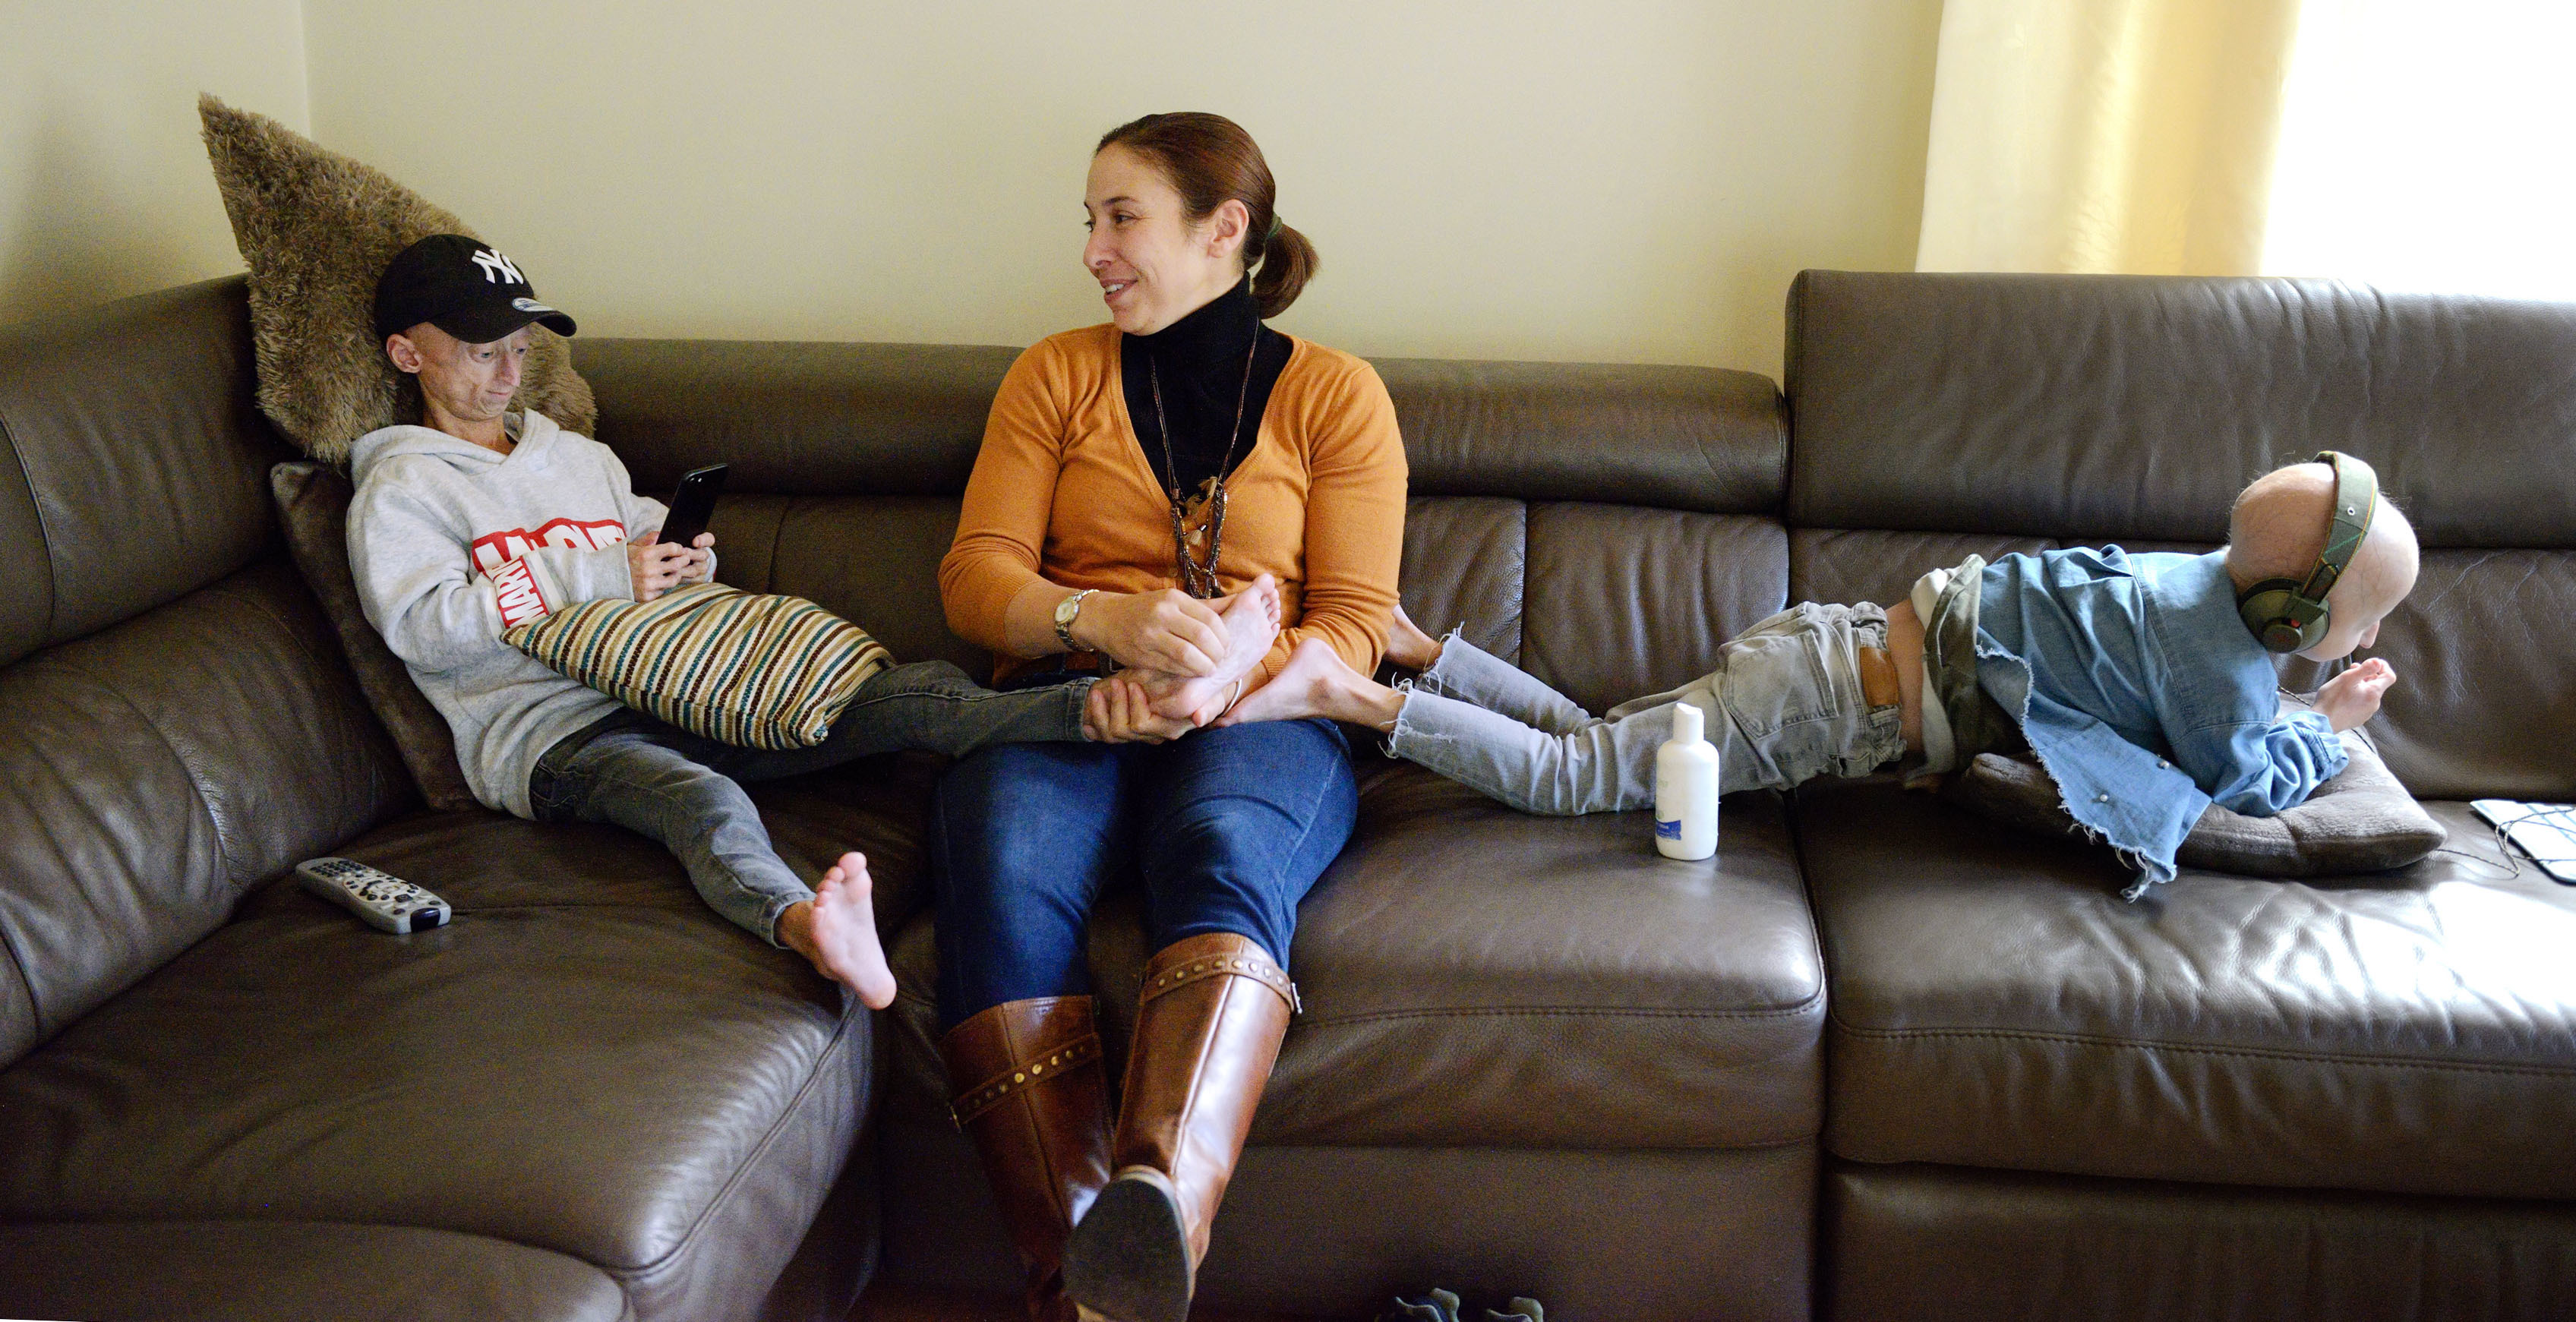 自宅のソファでくつろぐミヒル(左)とアンバー(右)。理学療法士のカタライネ・クレンが二人に関節の痛みを和らげるマッサージを施していた=ベルギー・ディーペンベーク(撮影・澤田博之、共同)